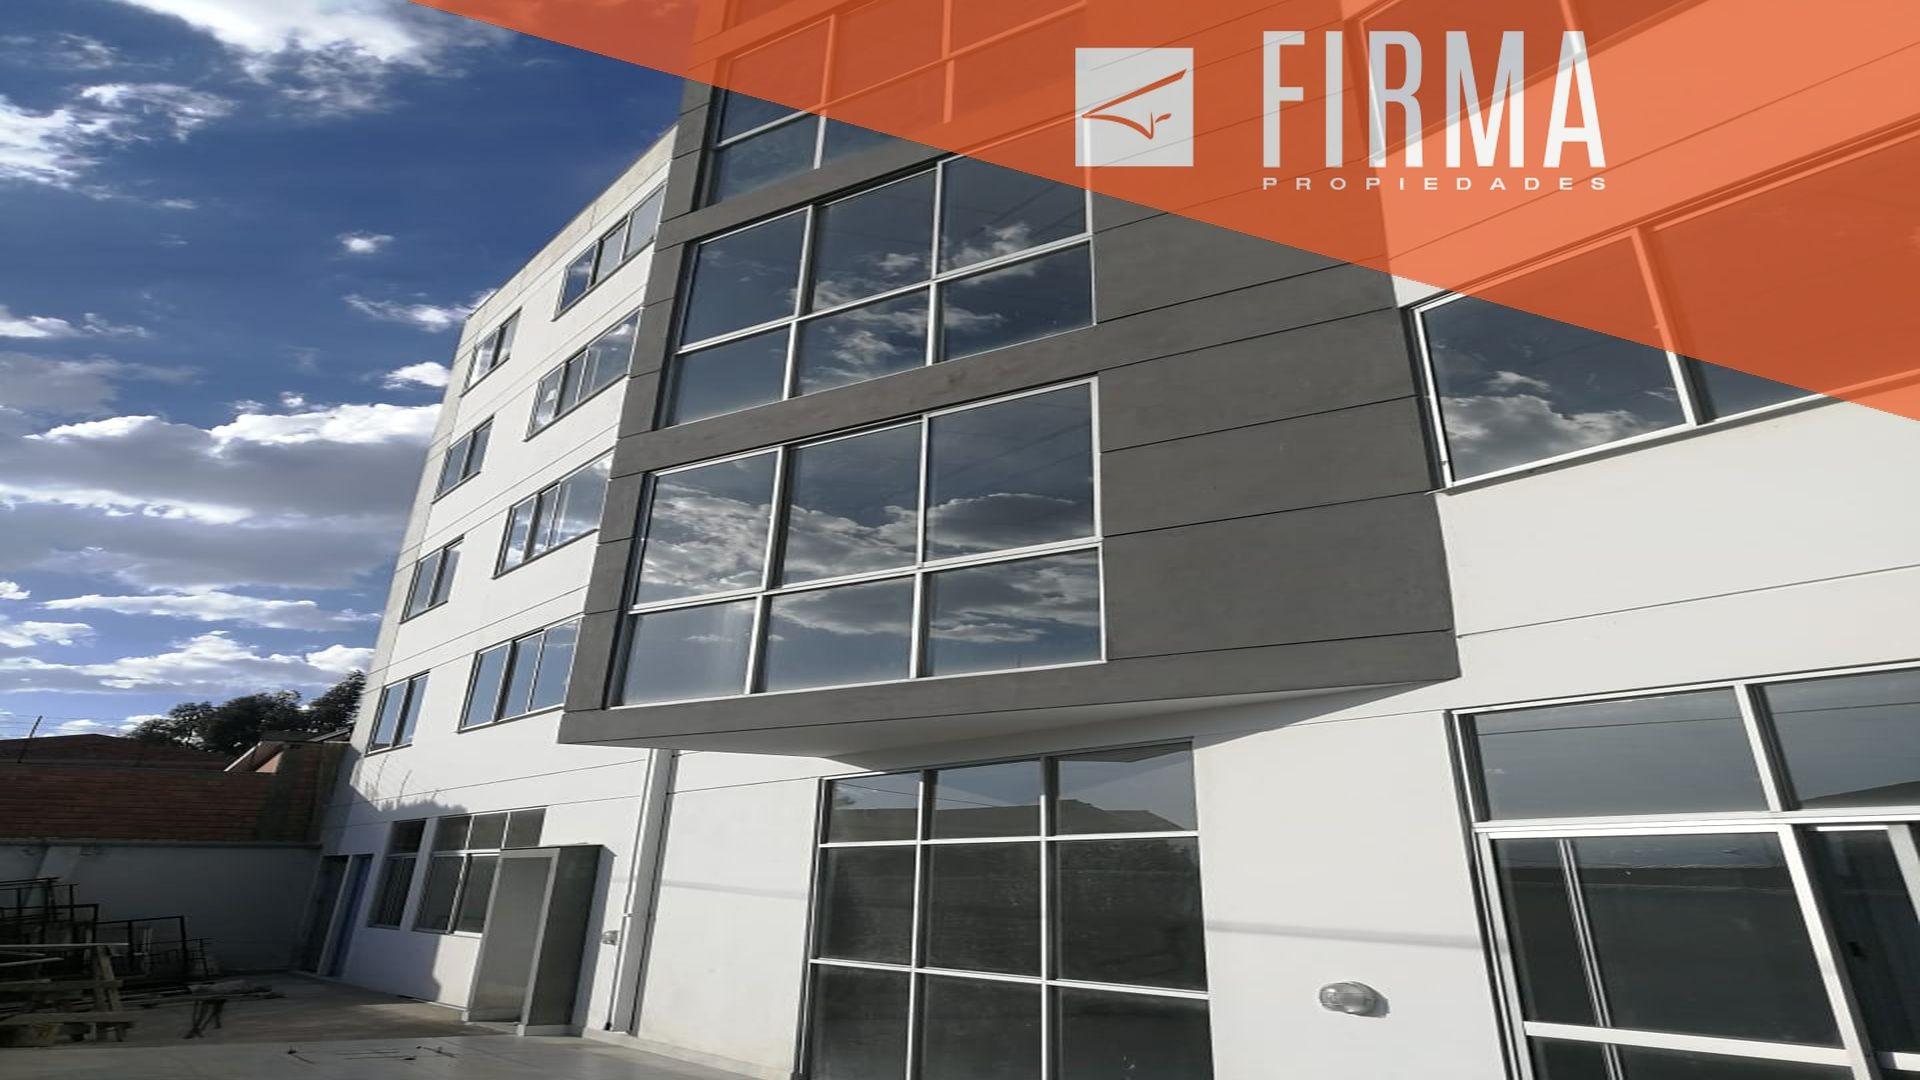 Edificio en Venta COMPRA TU EDIFICIO (CLINICA) EN COTA COTA Foto 1